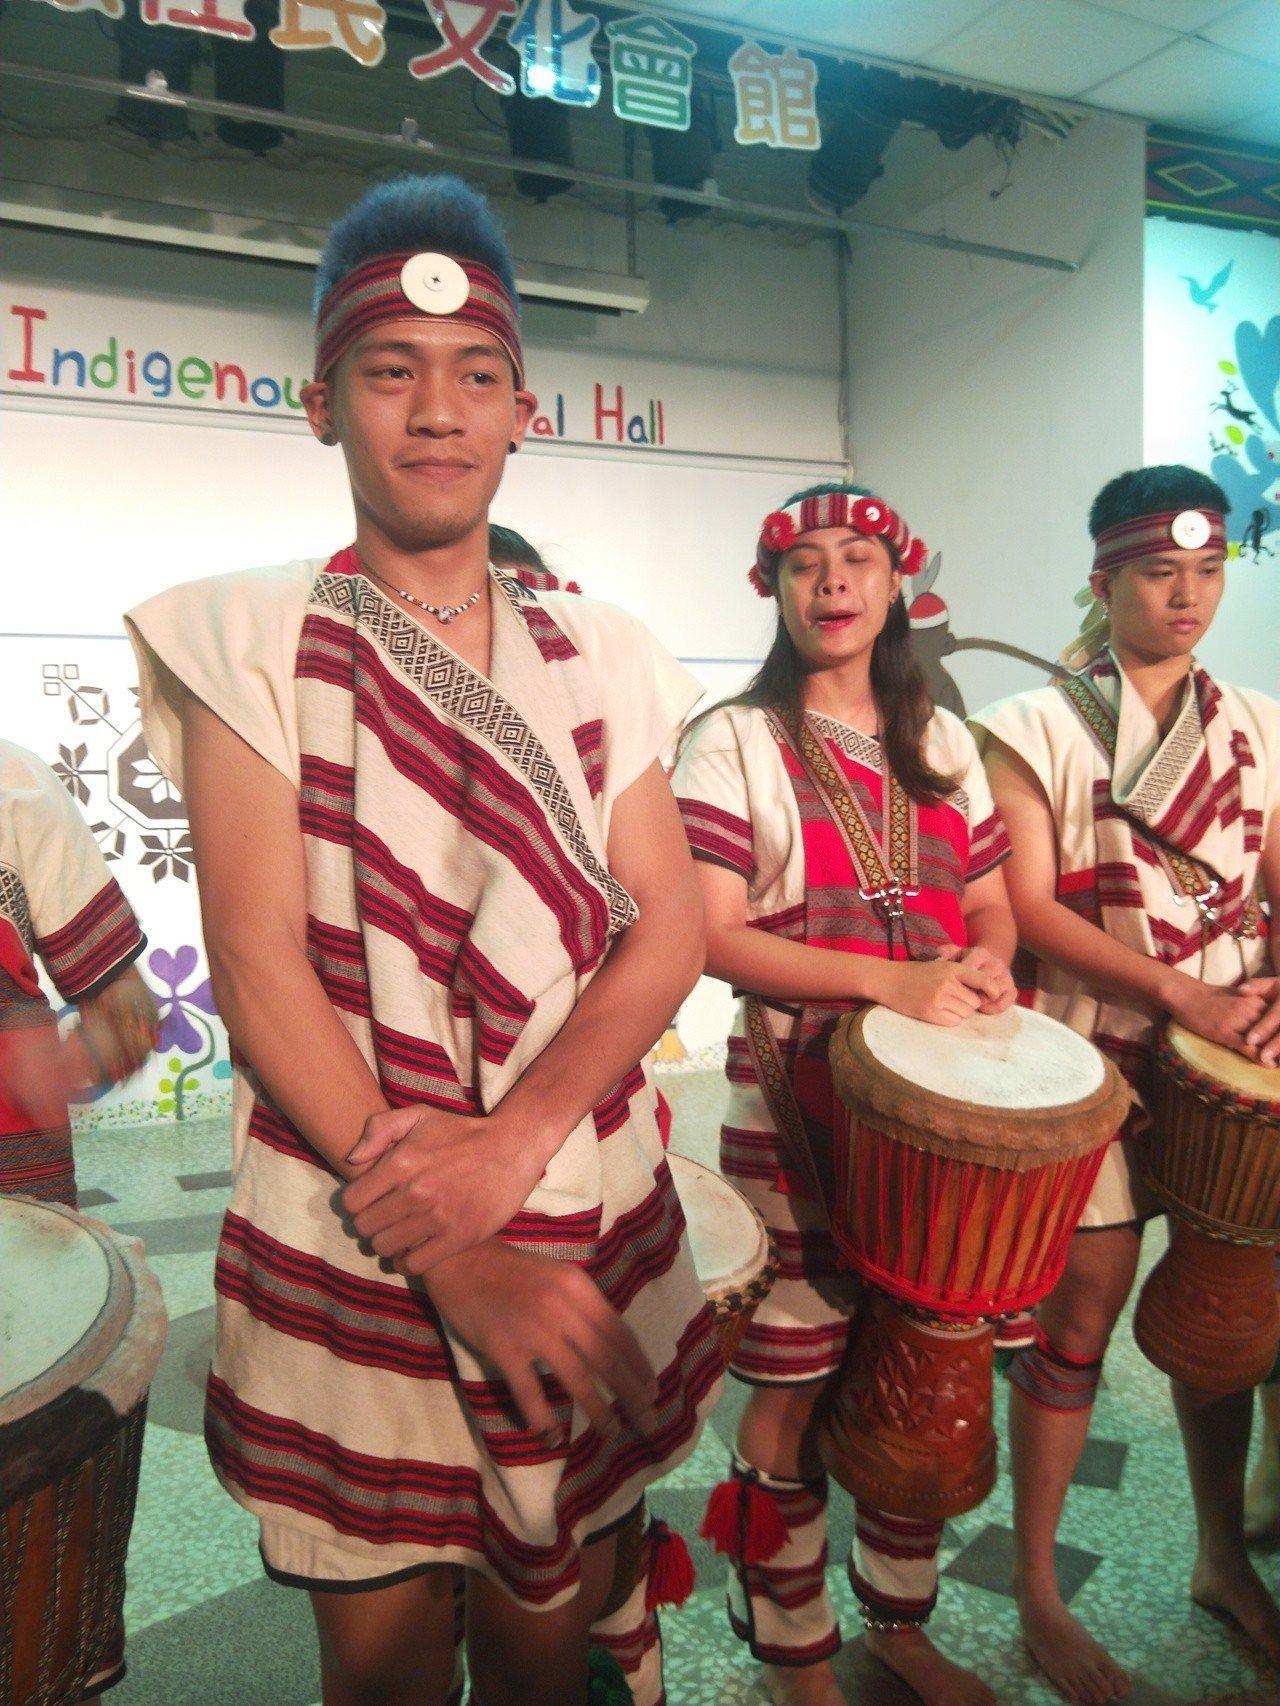 基隆市原住民族青年文教社服發展協會舞團今天上午展演,團員對於被酒醉女亂入干擾十分...